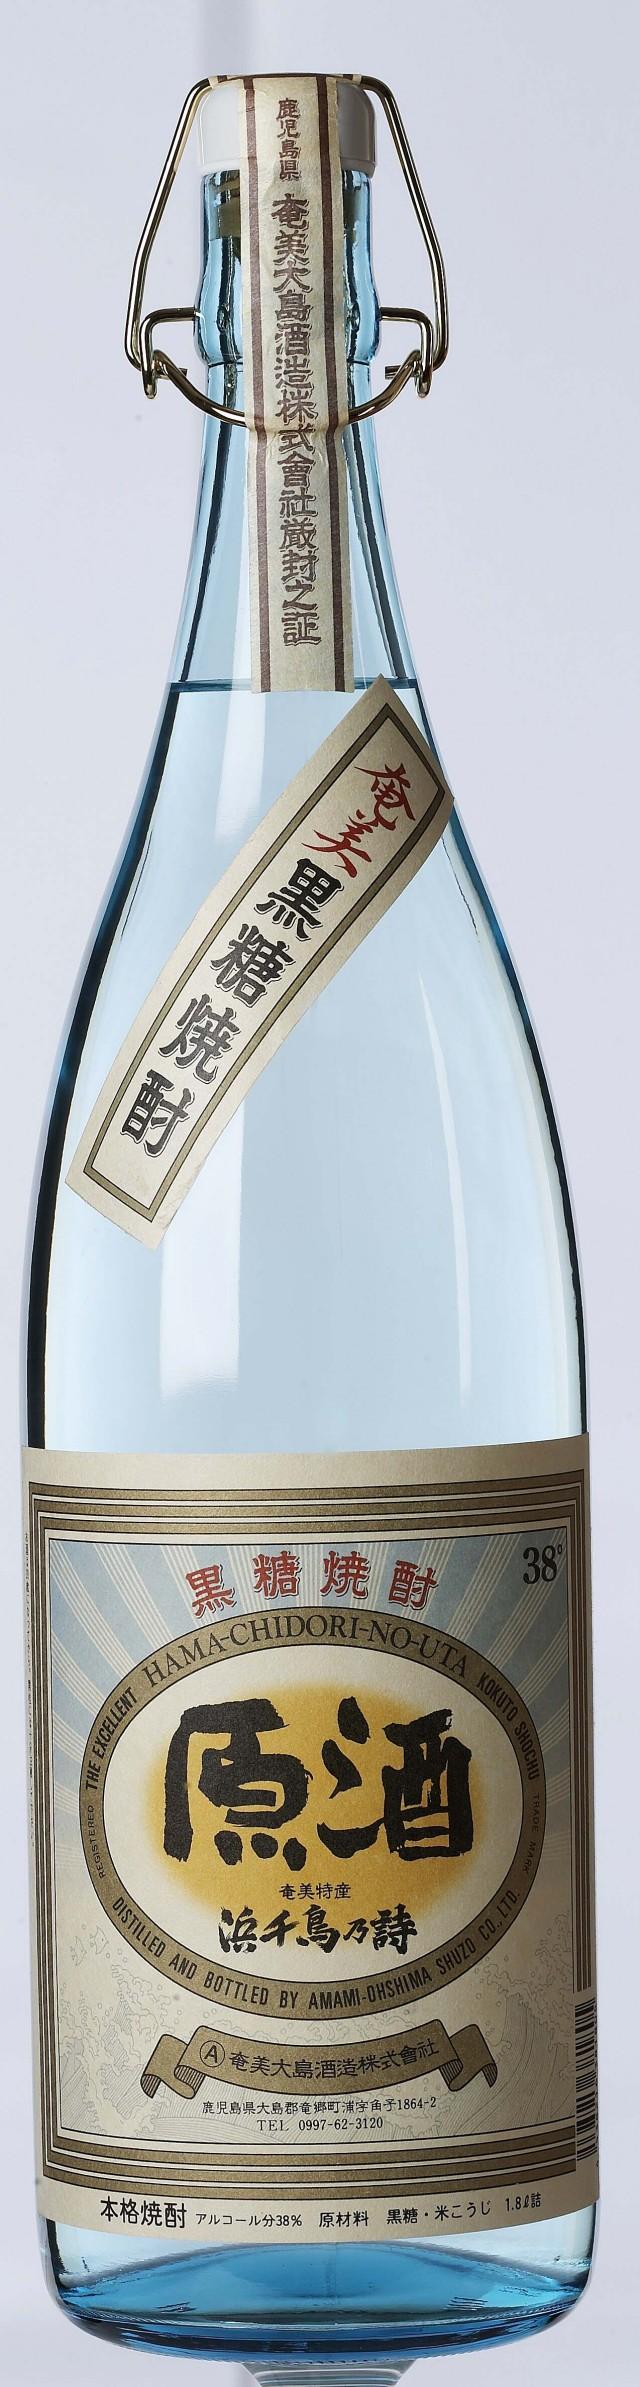 浜千鳥の詩原酒 アンティークボトル 38度 1800ml